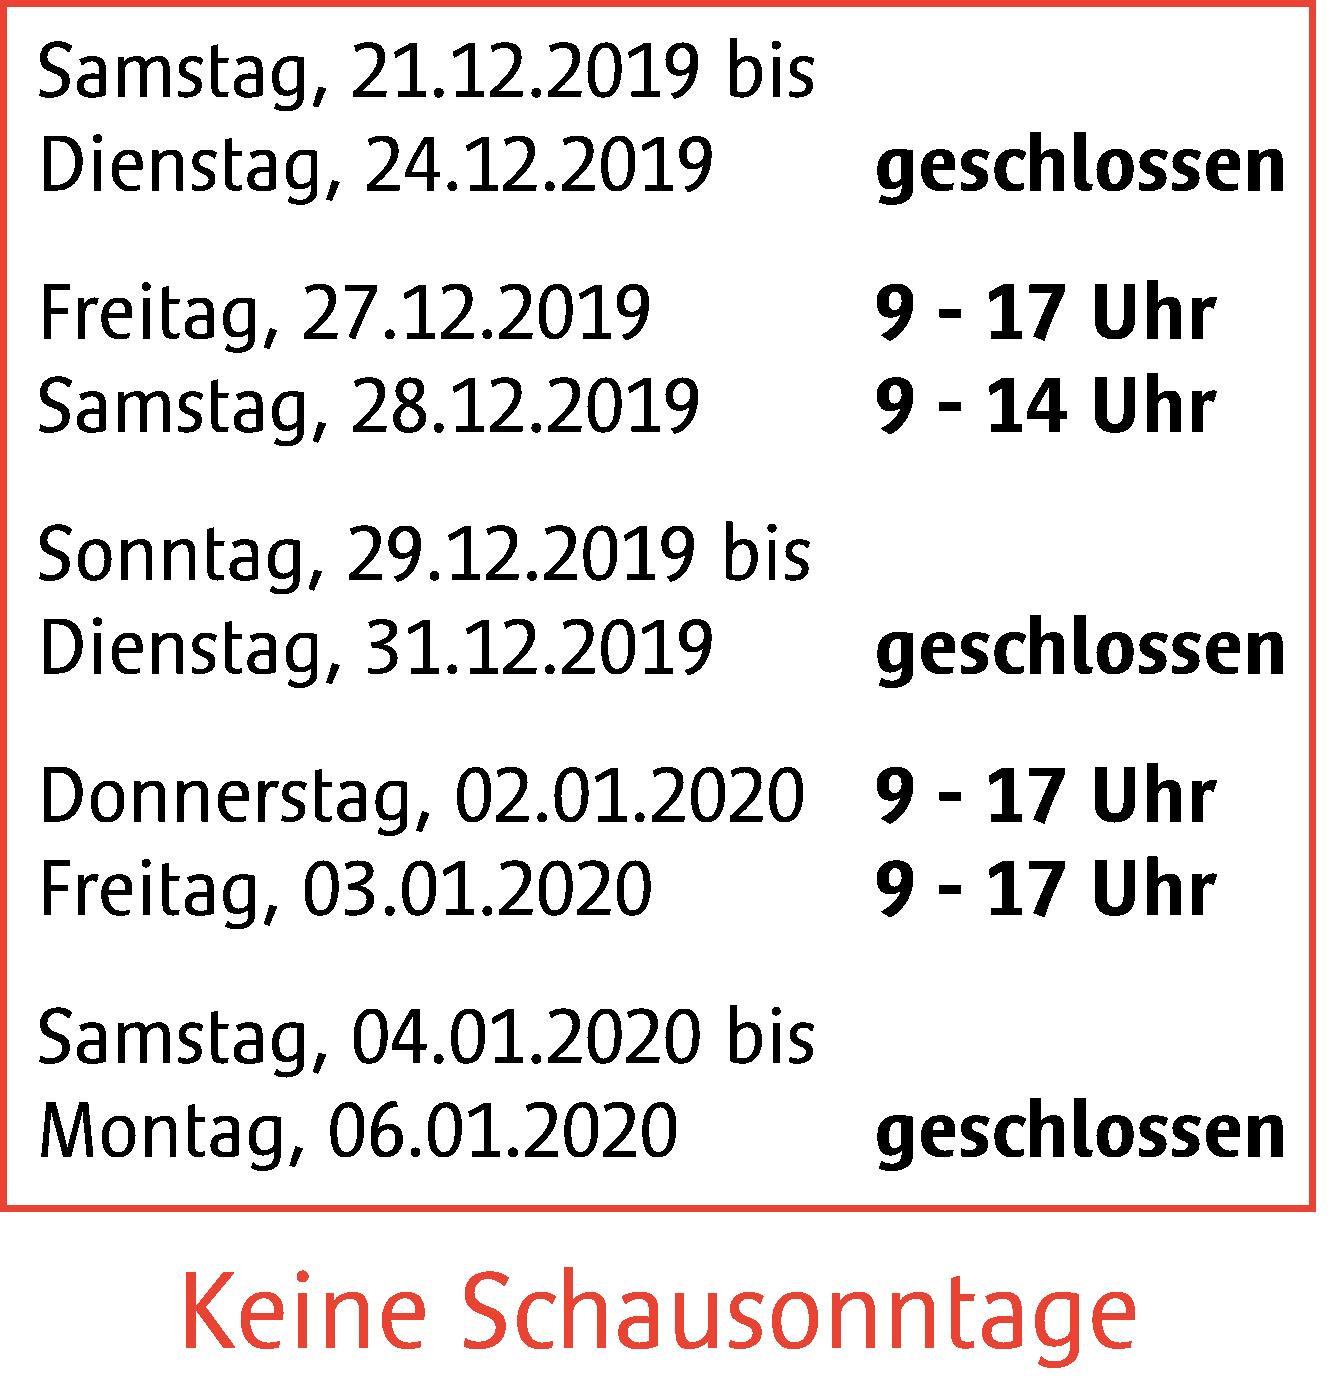 News - ffnungszeiten-Weihnachten-2019.png